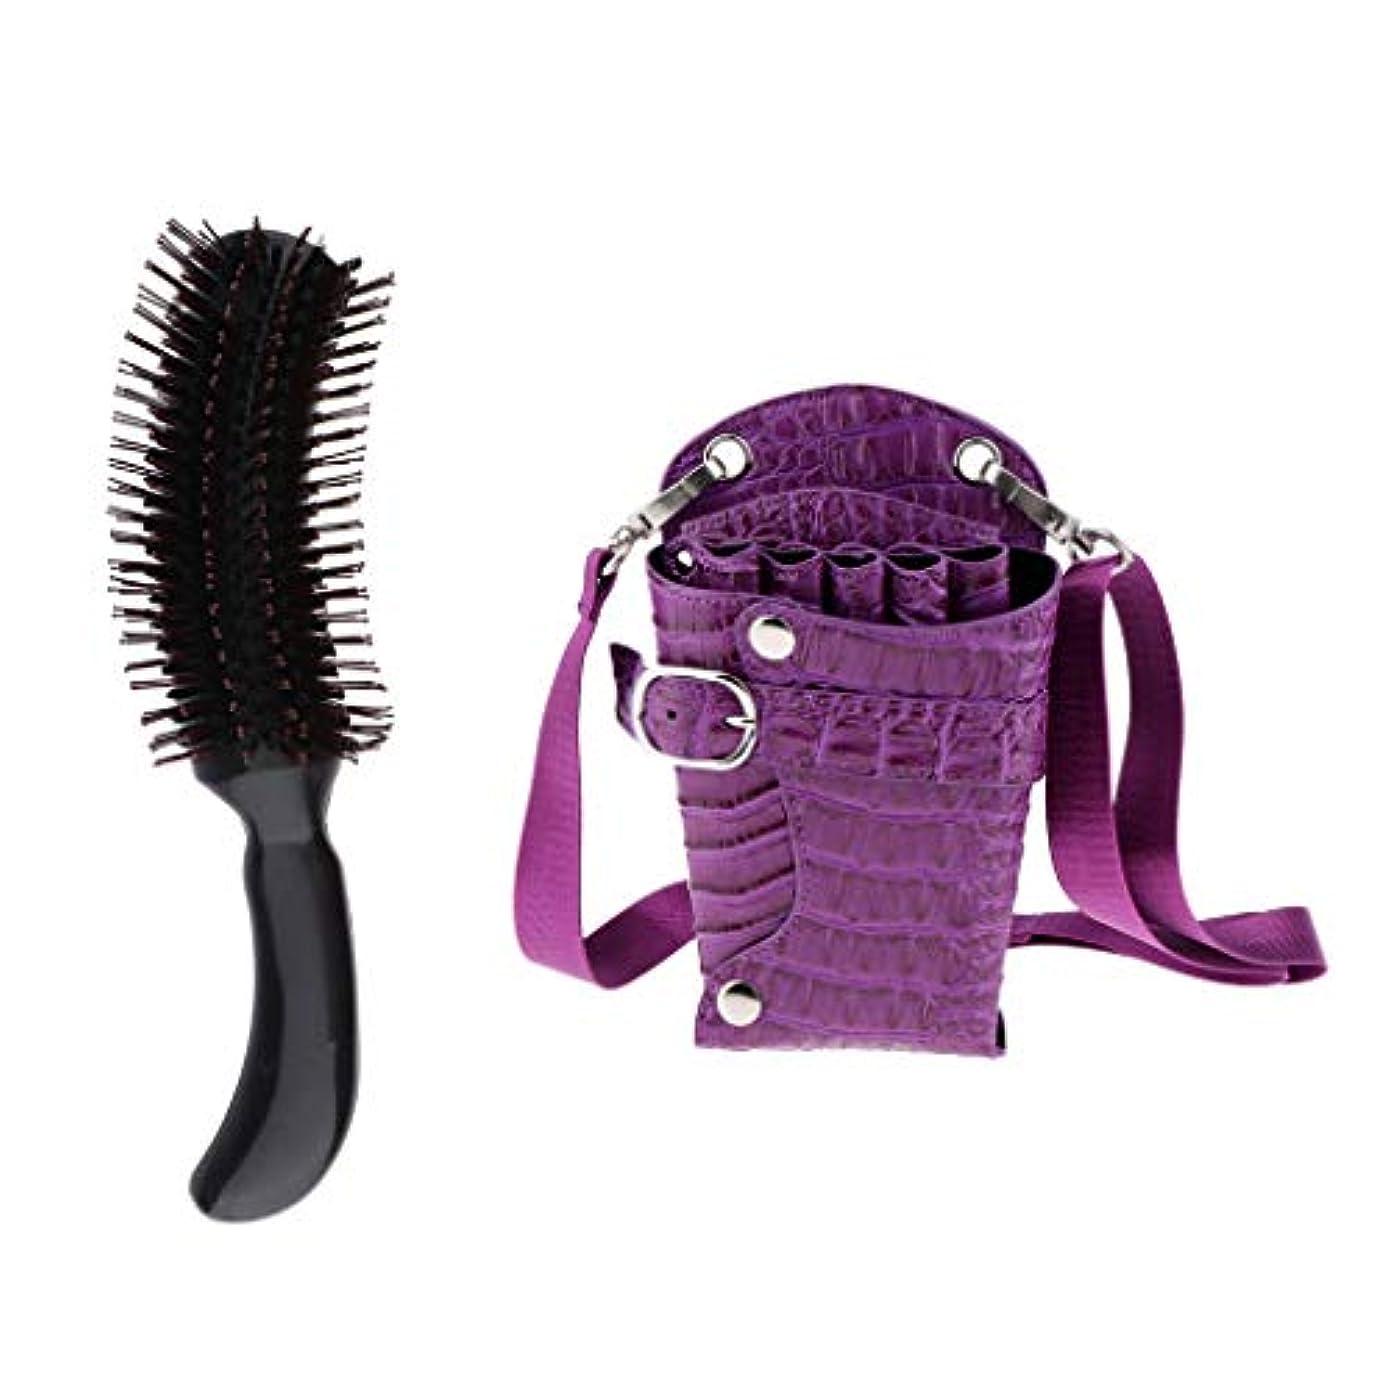 故意の宣伝通信するヘアブラシ マッサージブラシ はさみバッグ ツールホルスター 収納ポーチ 紫